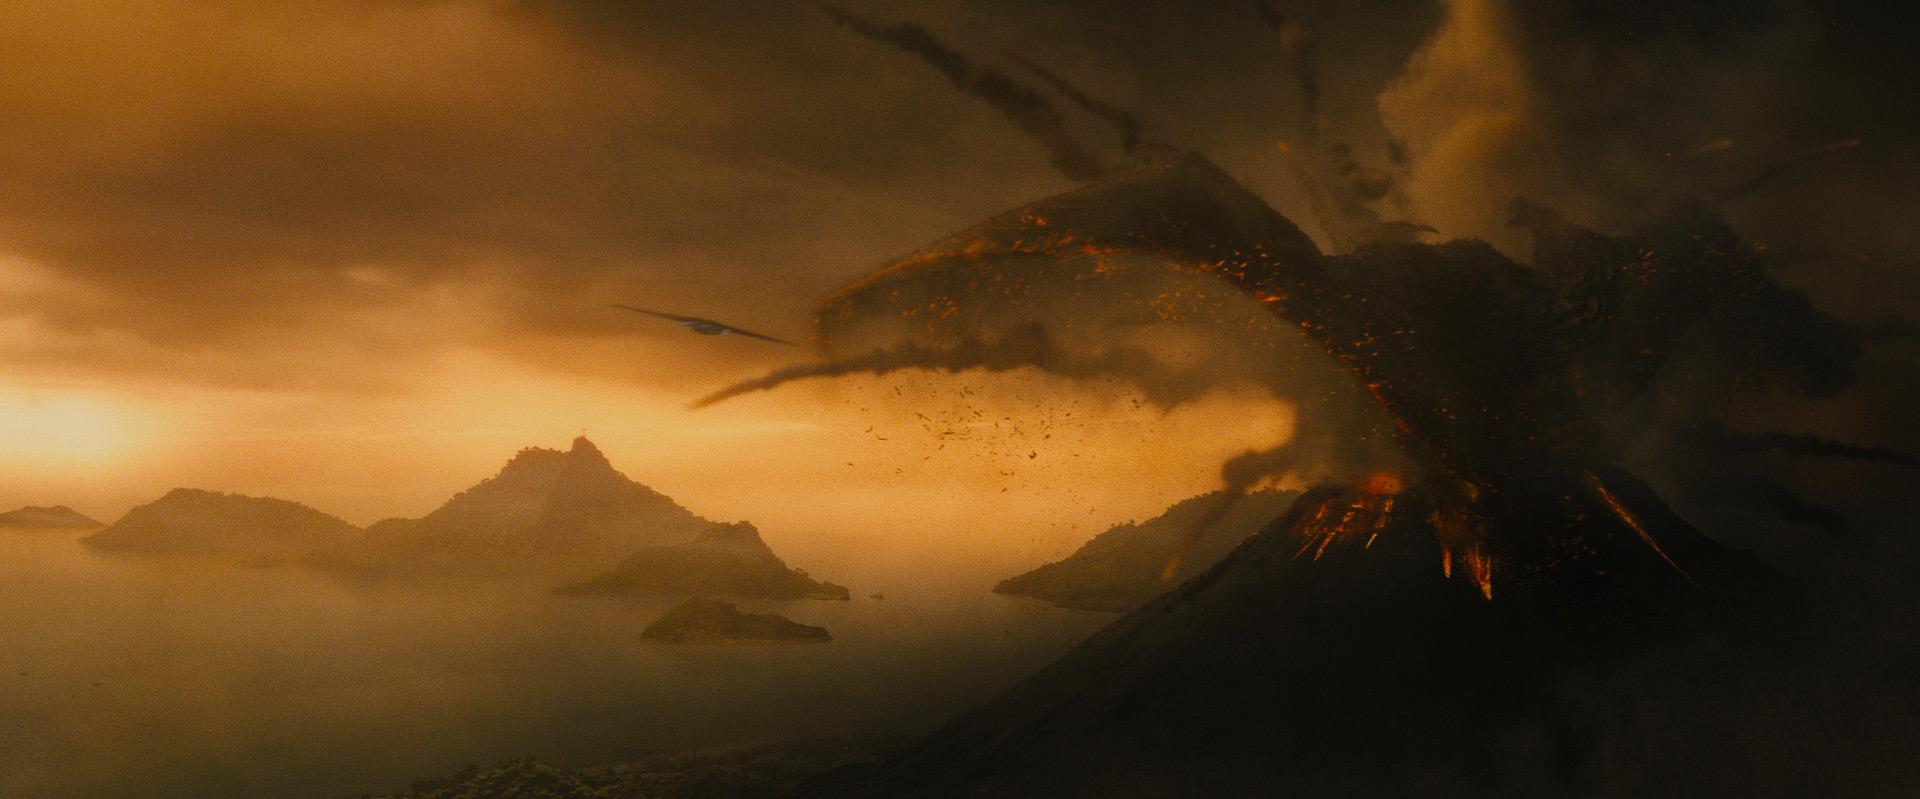 Godzilla_4.jpg